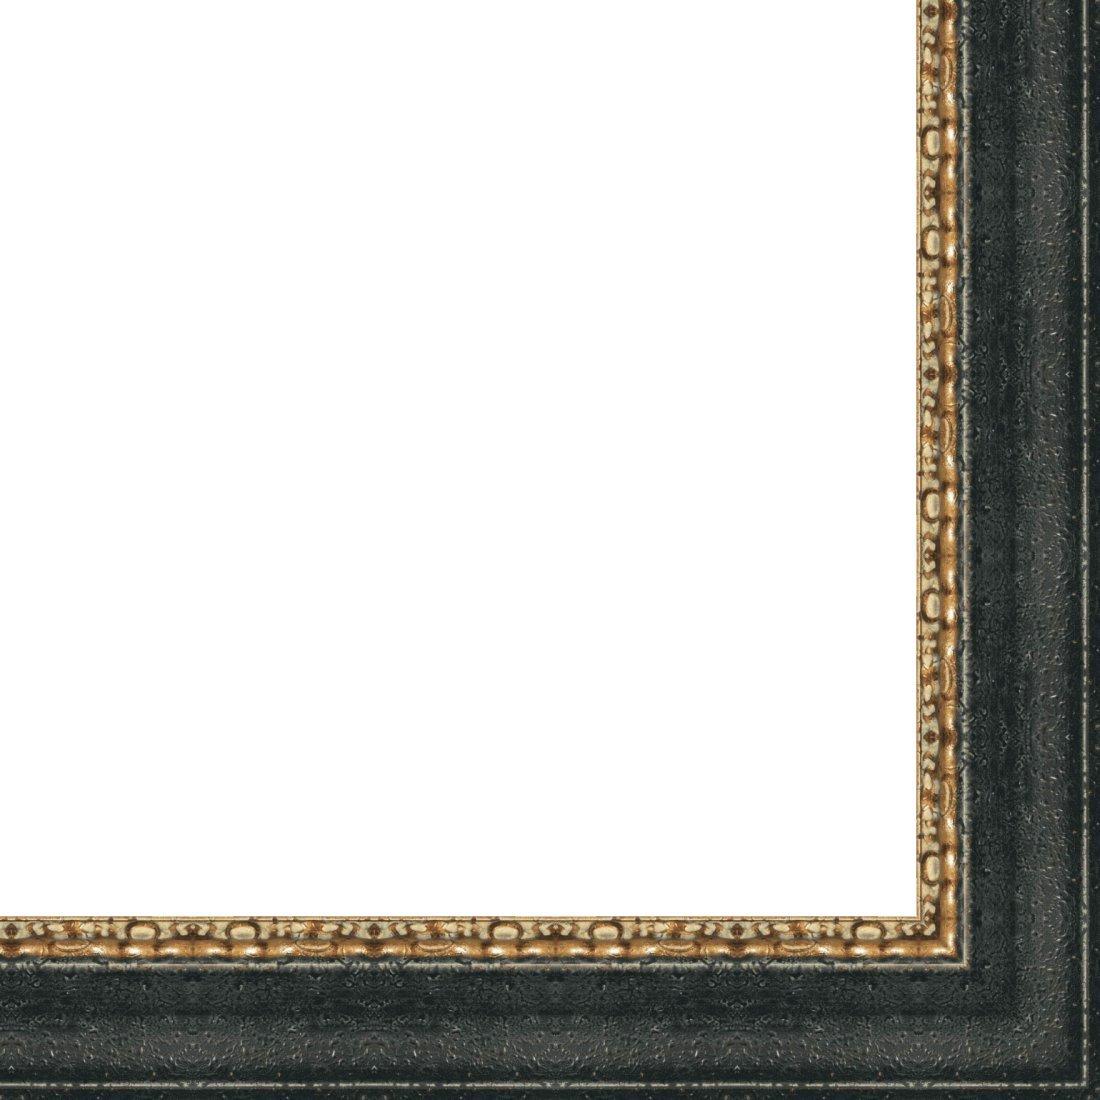 Picture Frame Moulding (Wood) 18ft bundle - Distressed/Aged Black Finish - 4.625'' width - 5/8'' rabbet depth